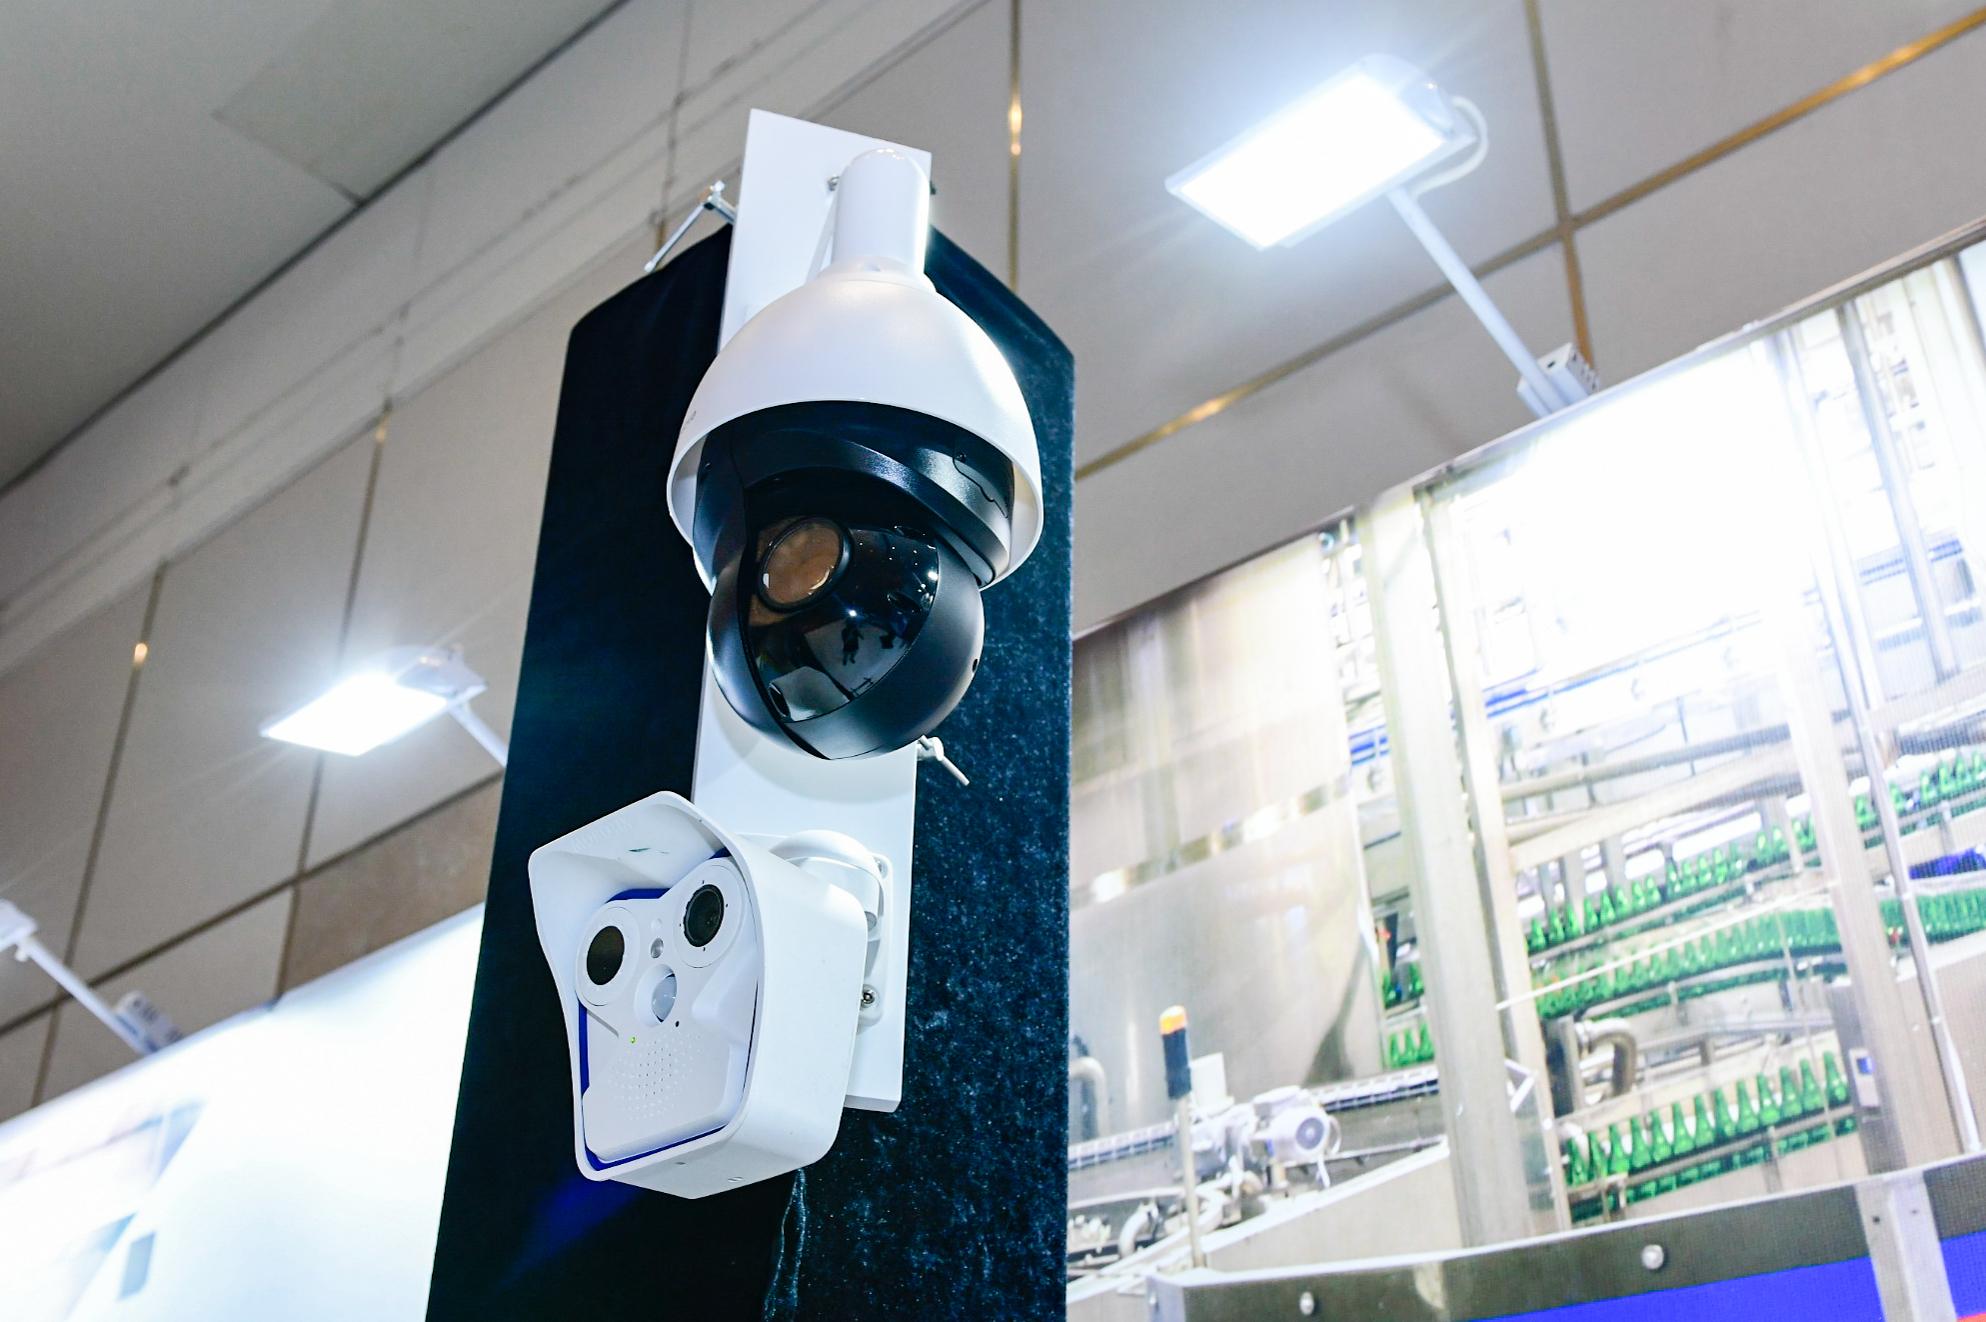 5-巡展上海站现场展示的MOBOTIX智能视频解决方案.jpg